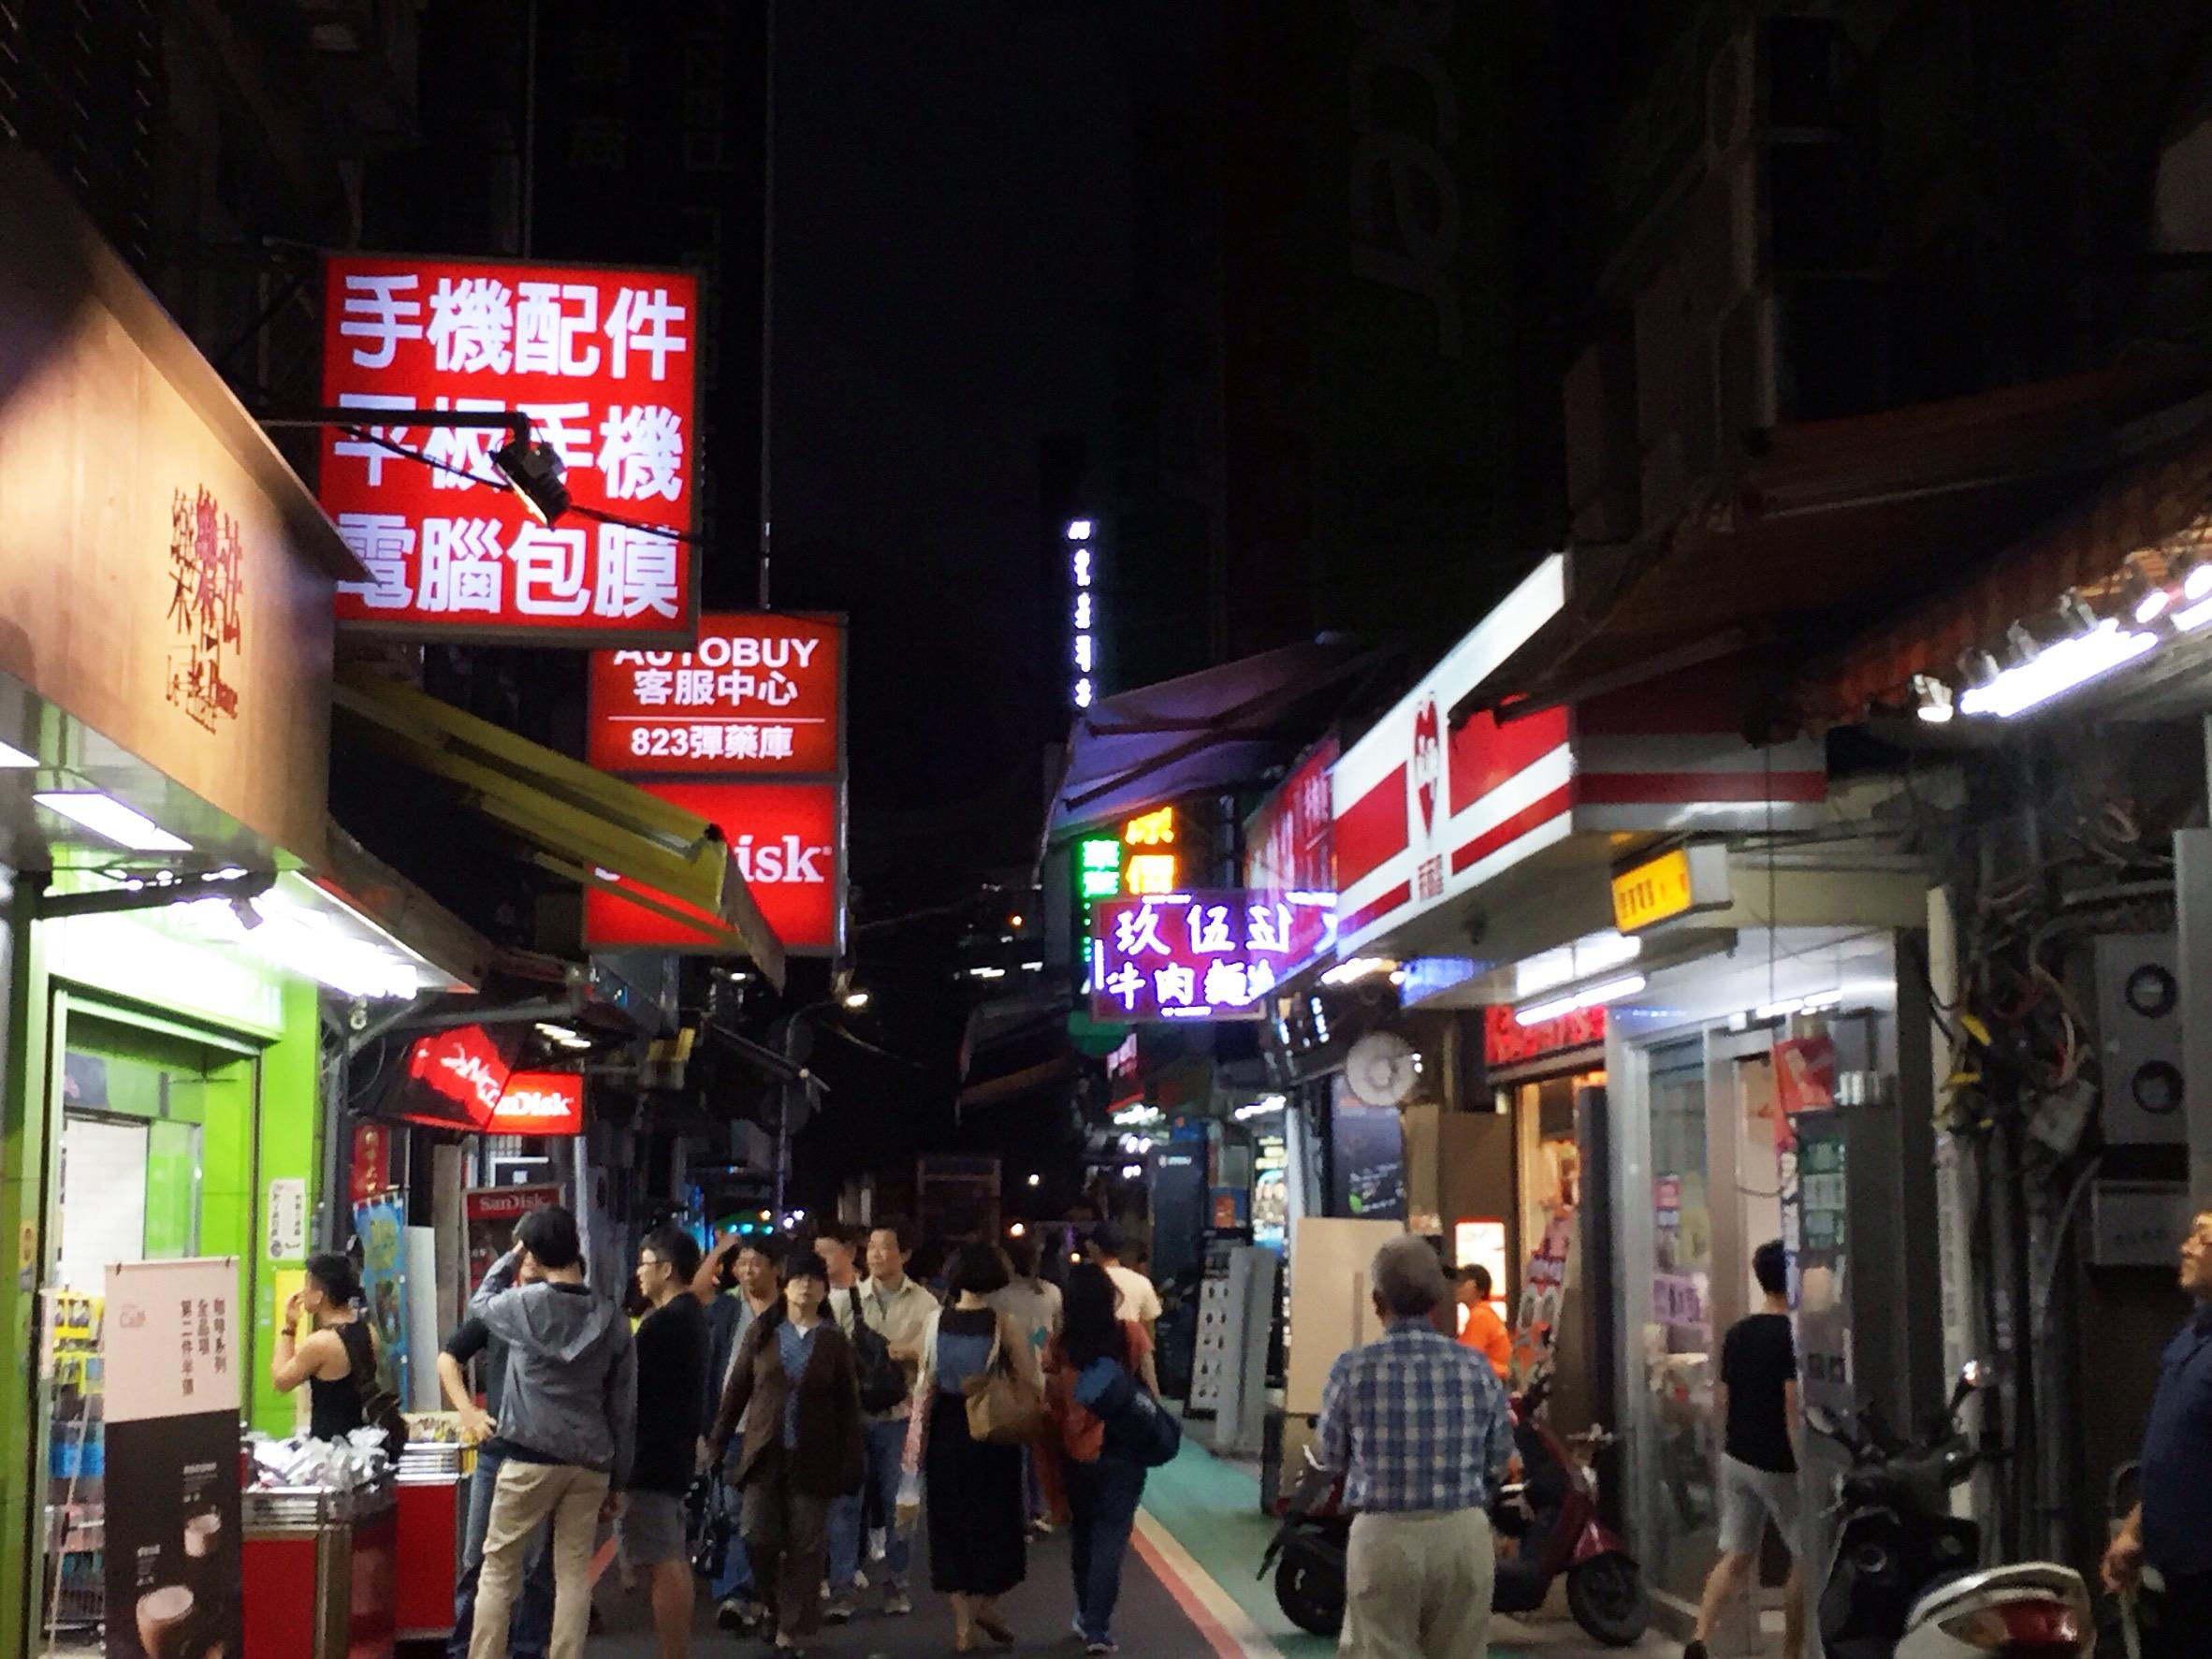 光華商場不僅販售電子科契產品,周遭更有不少美食店家,形成科技結合美食的商圈。攝影/張子怡